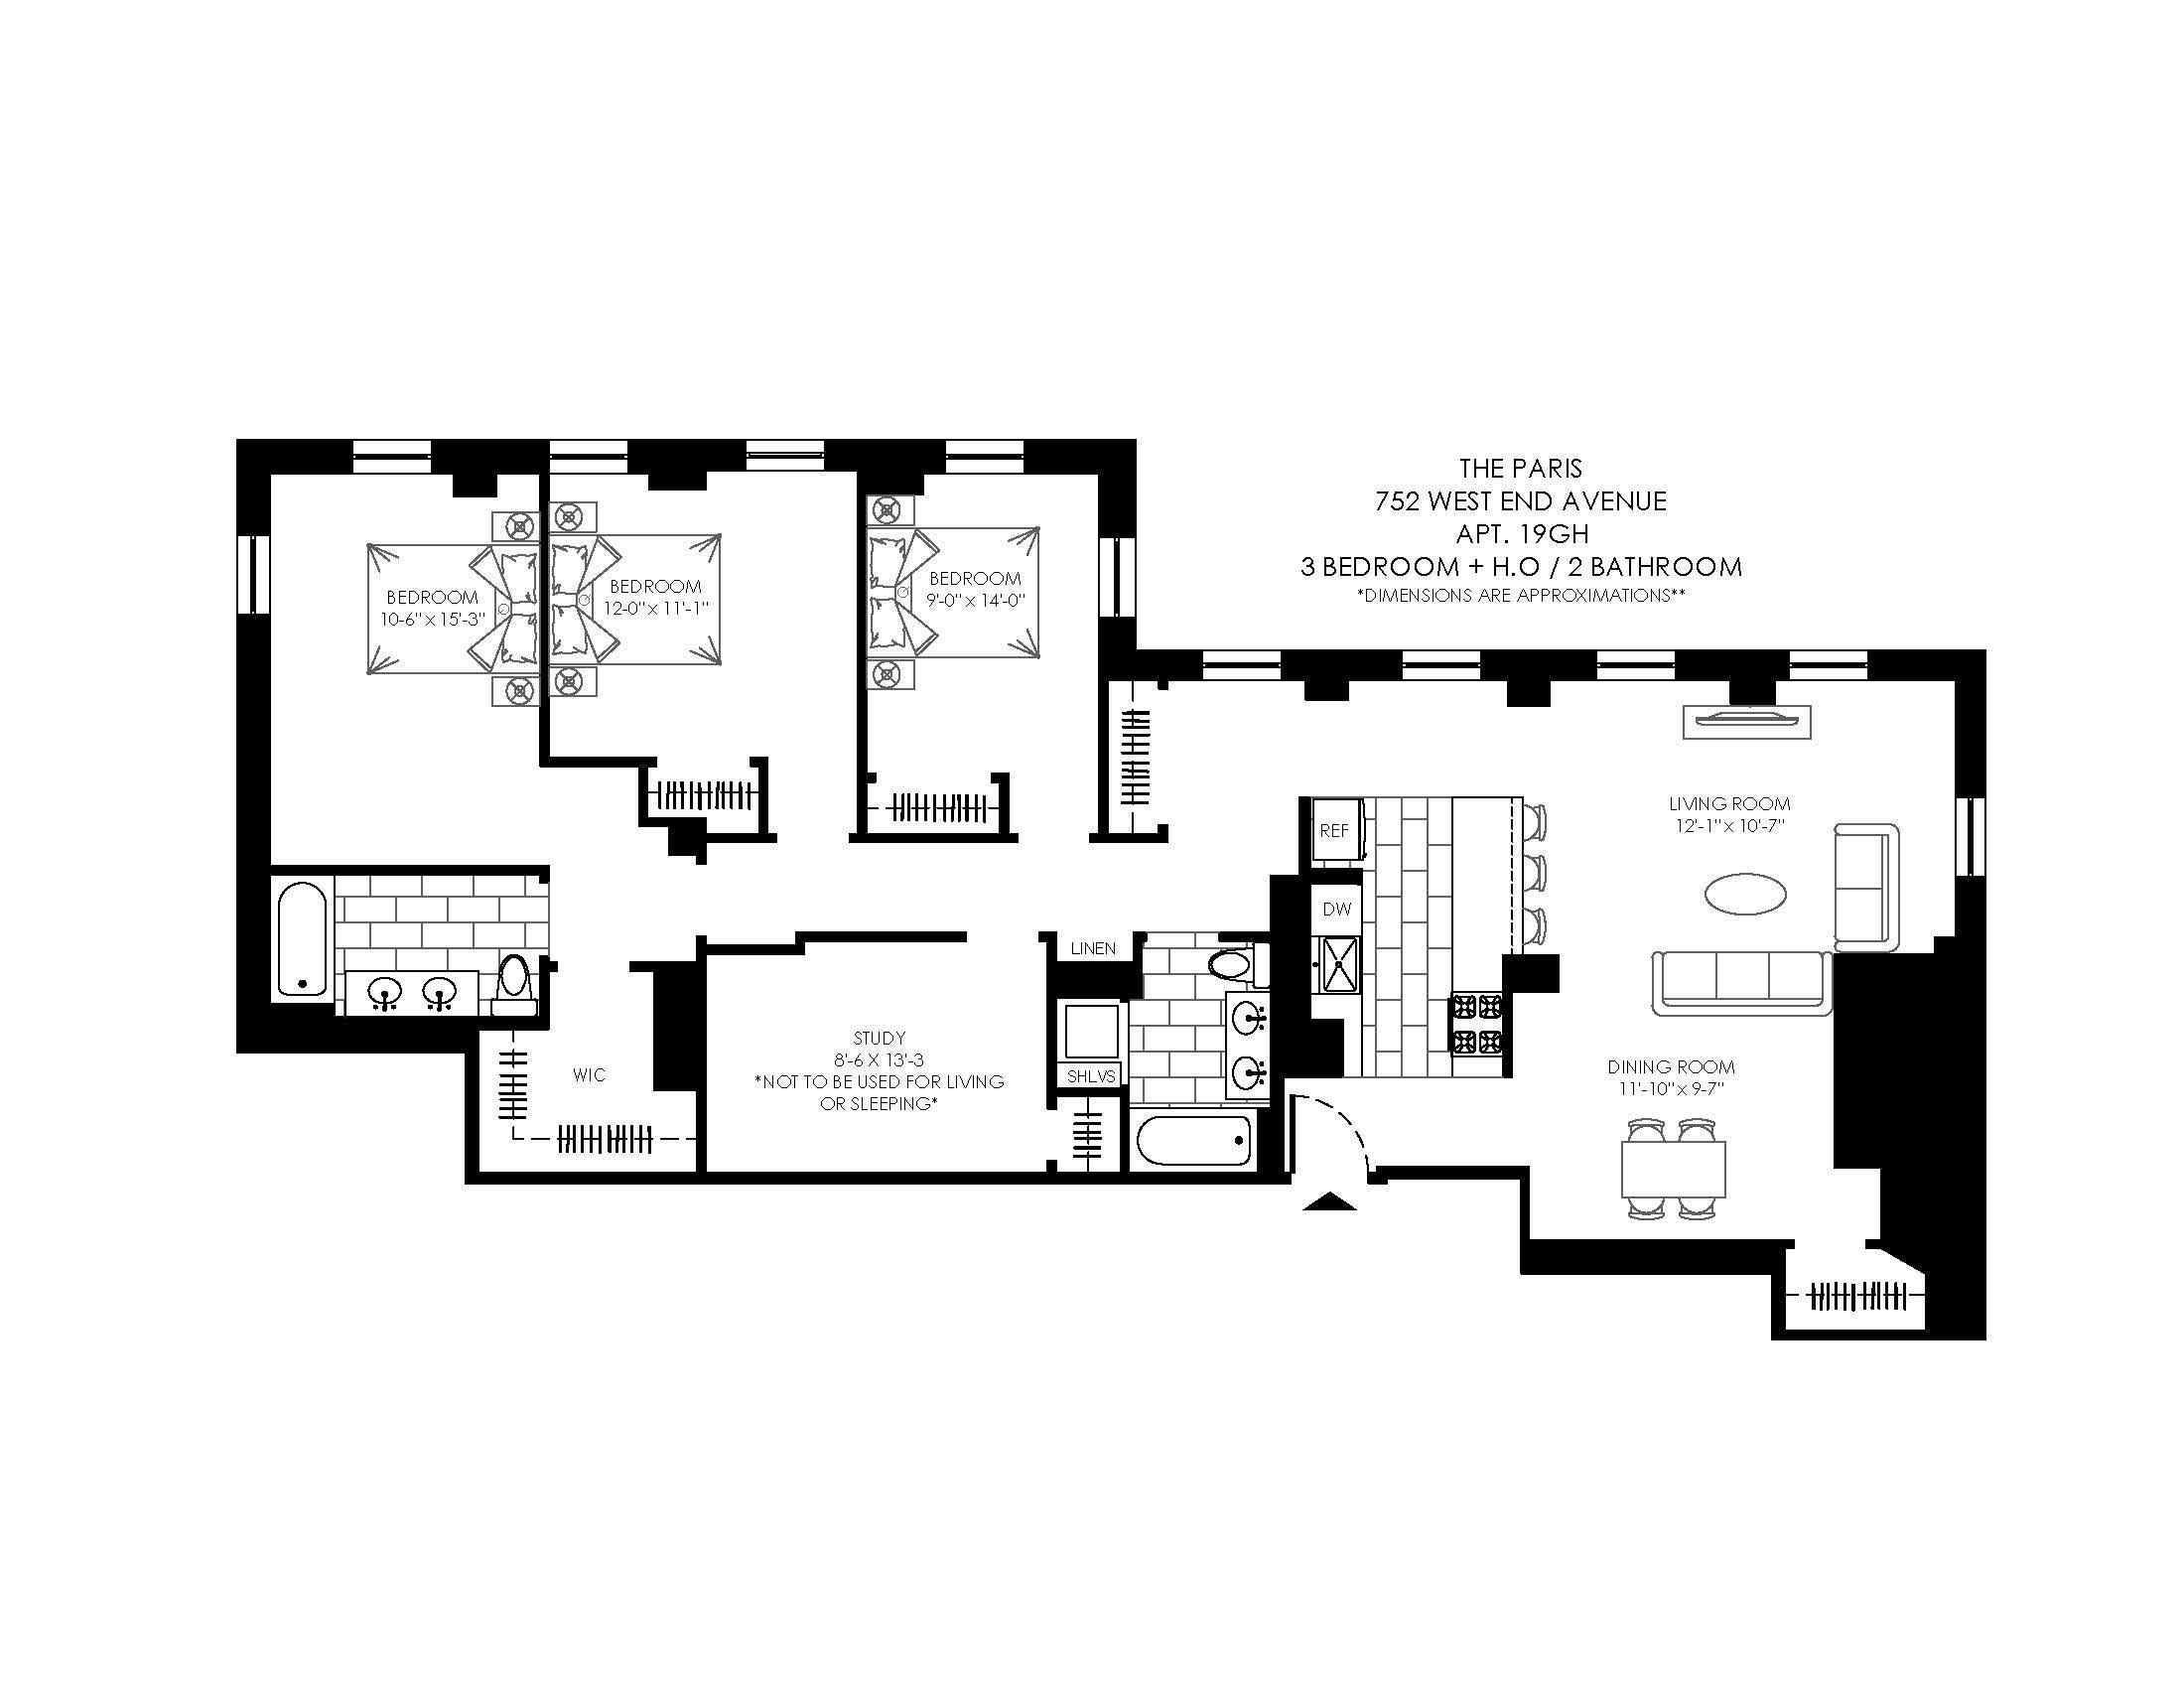 The Paris 752 West End Ave Apartments